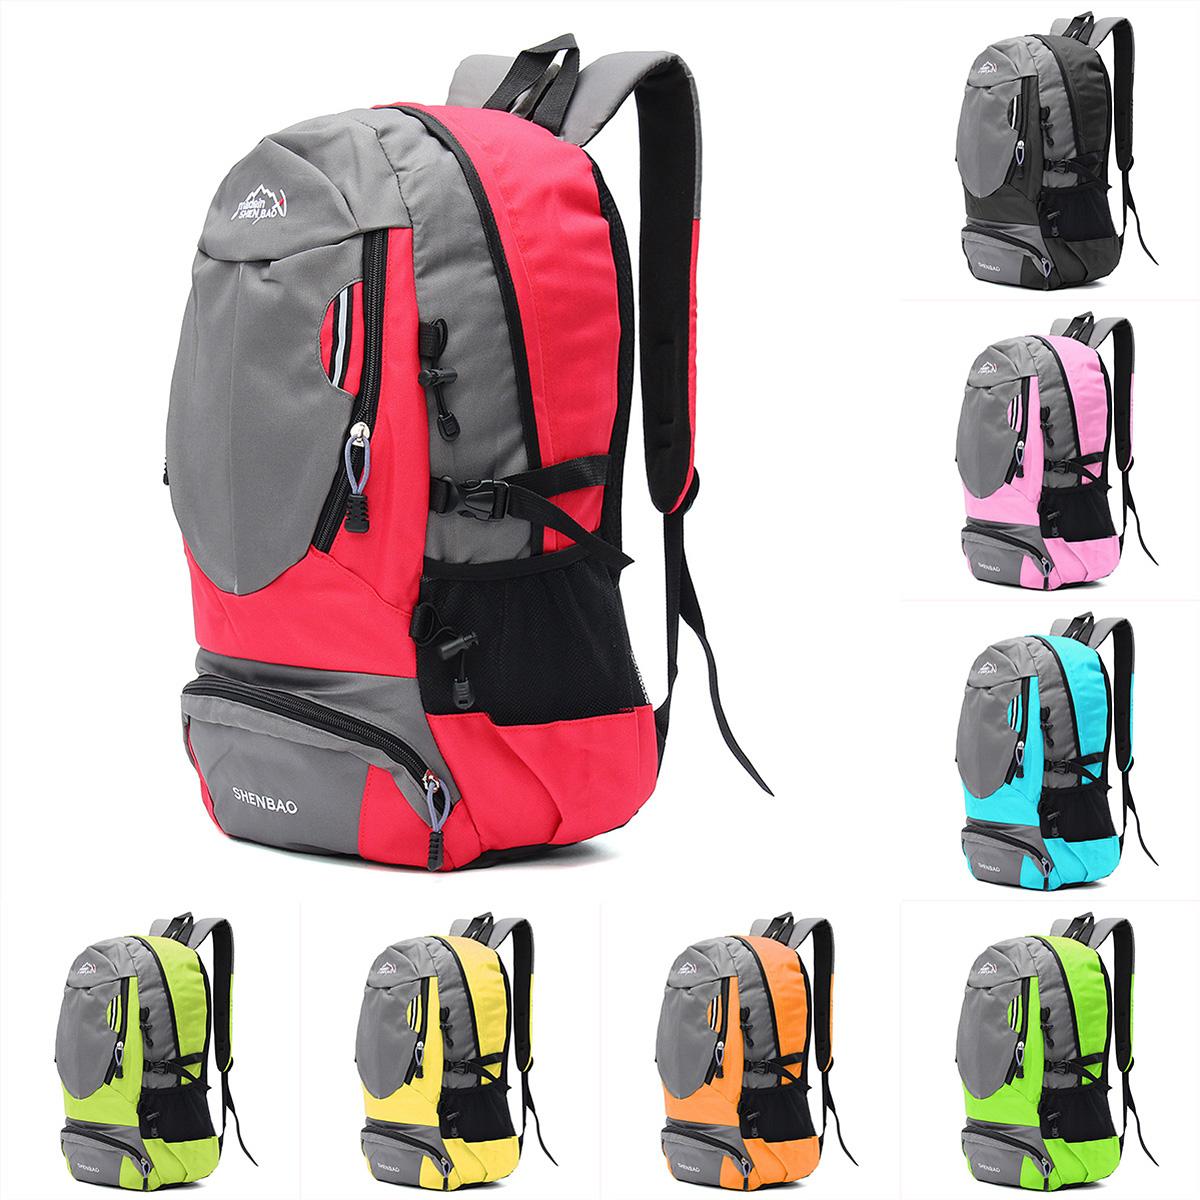 3850c68c50d4 35L Sports Travel Backpack Camping Hiking Unisex Rucksack Shoulder ...